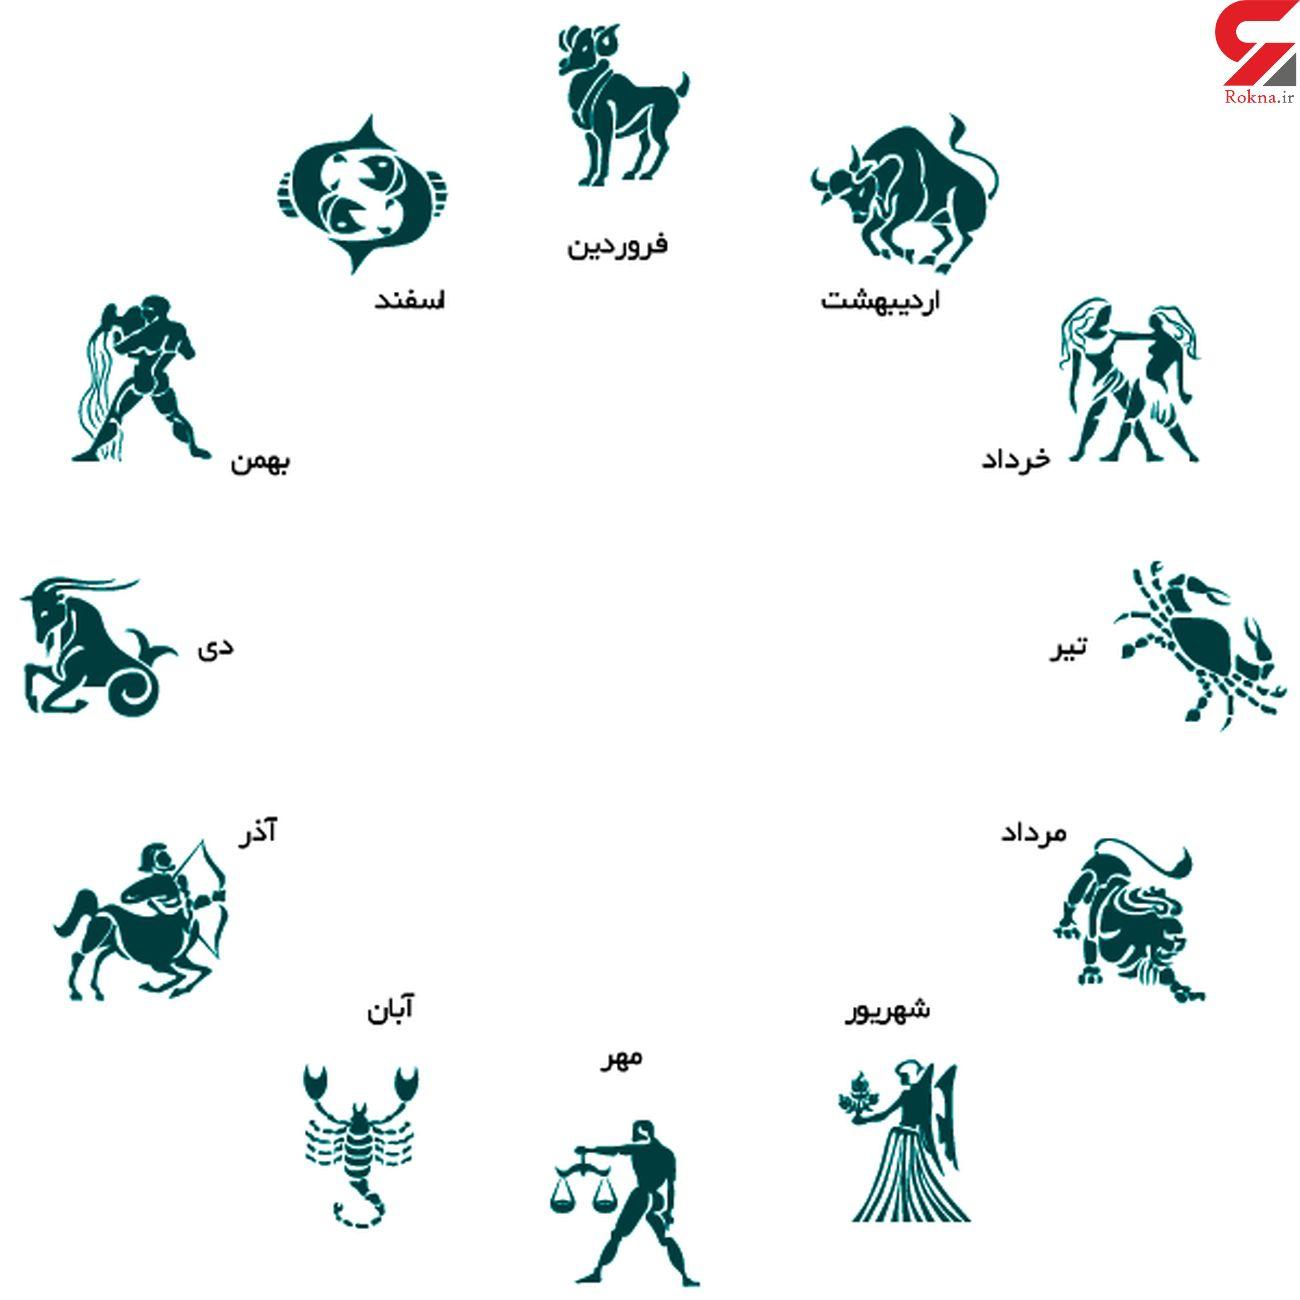 حیوان ماه بهمن